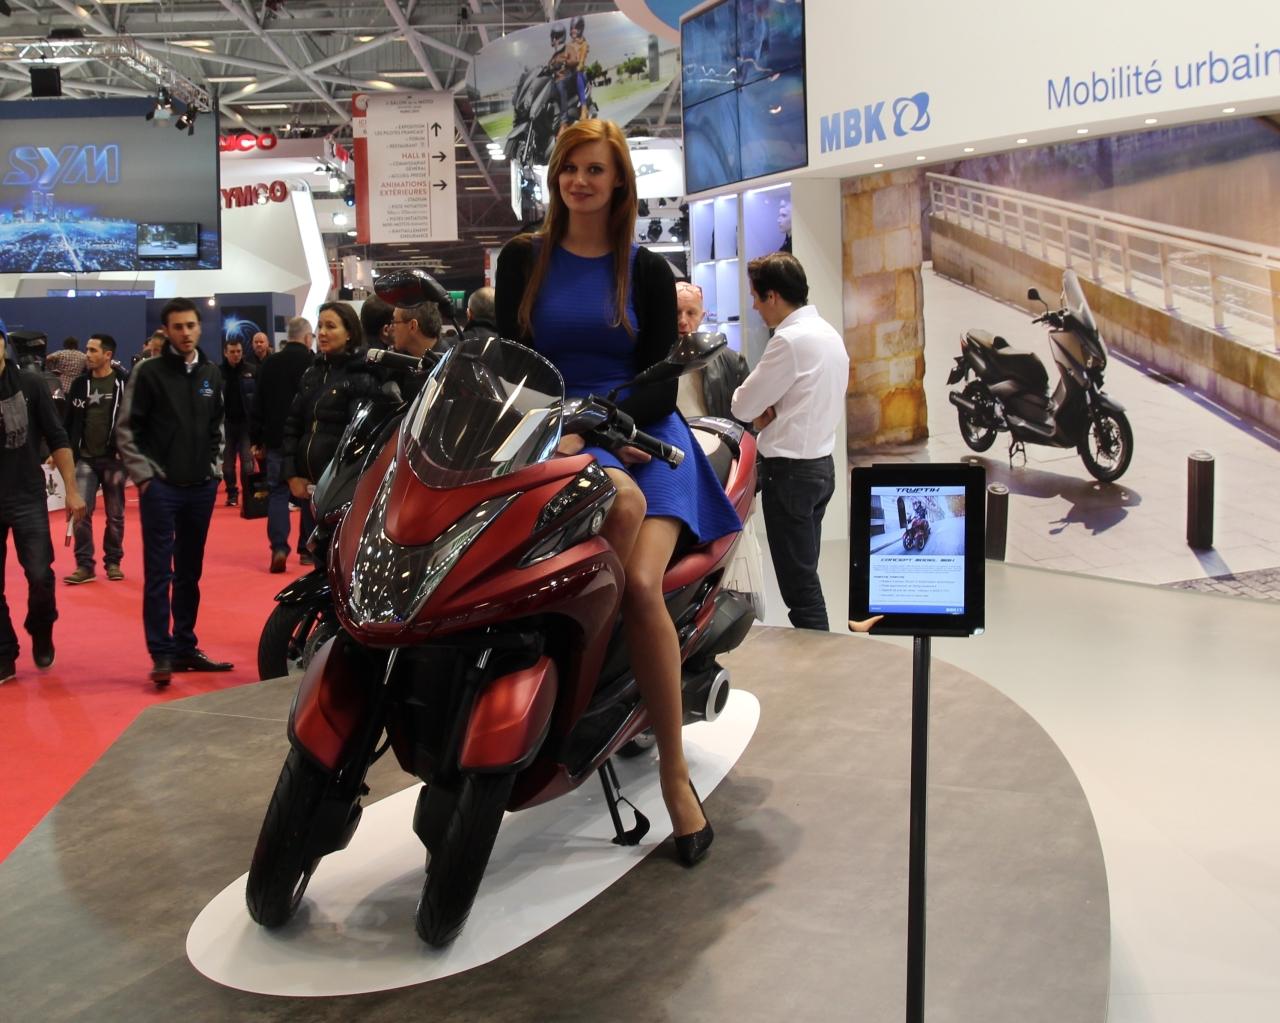 Salon de la moto de paris 2013 mbk tryptik yamaha for Salon de la photo paris